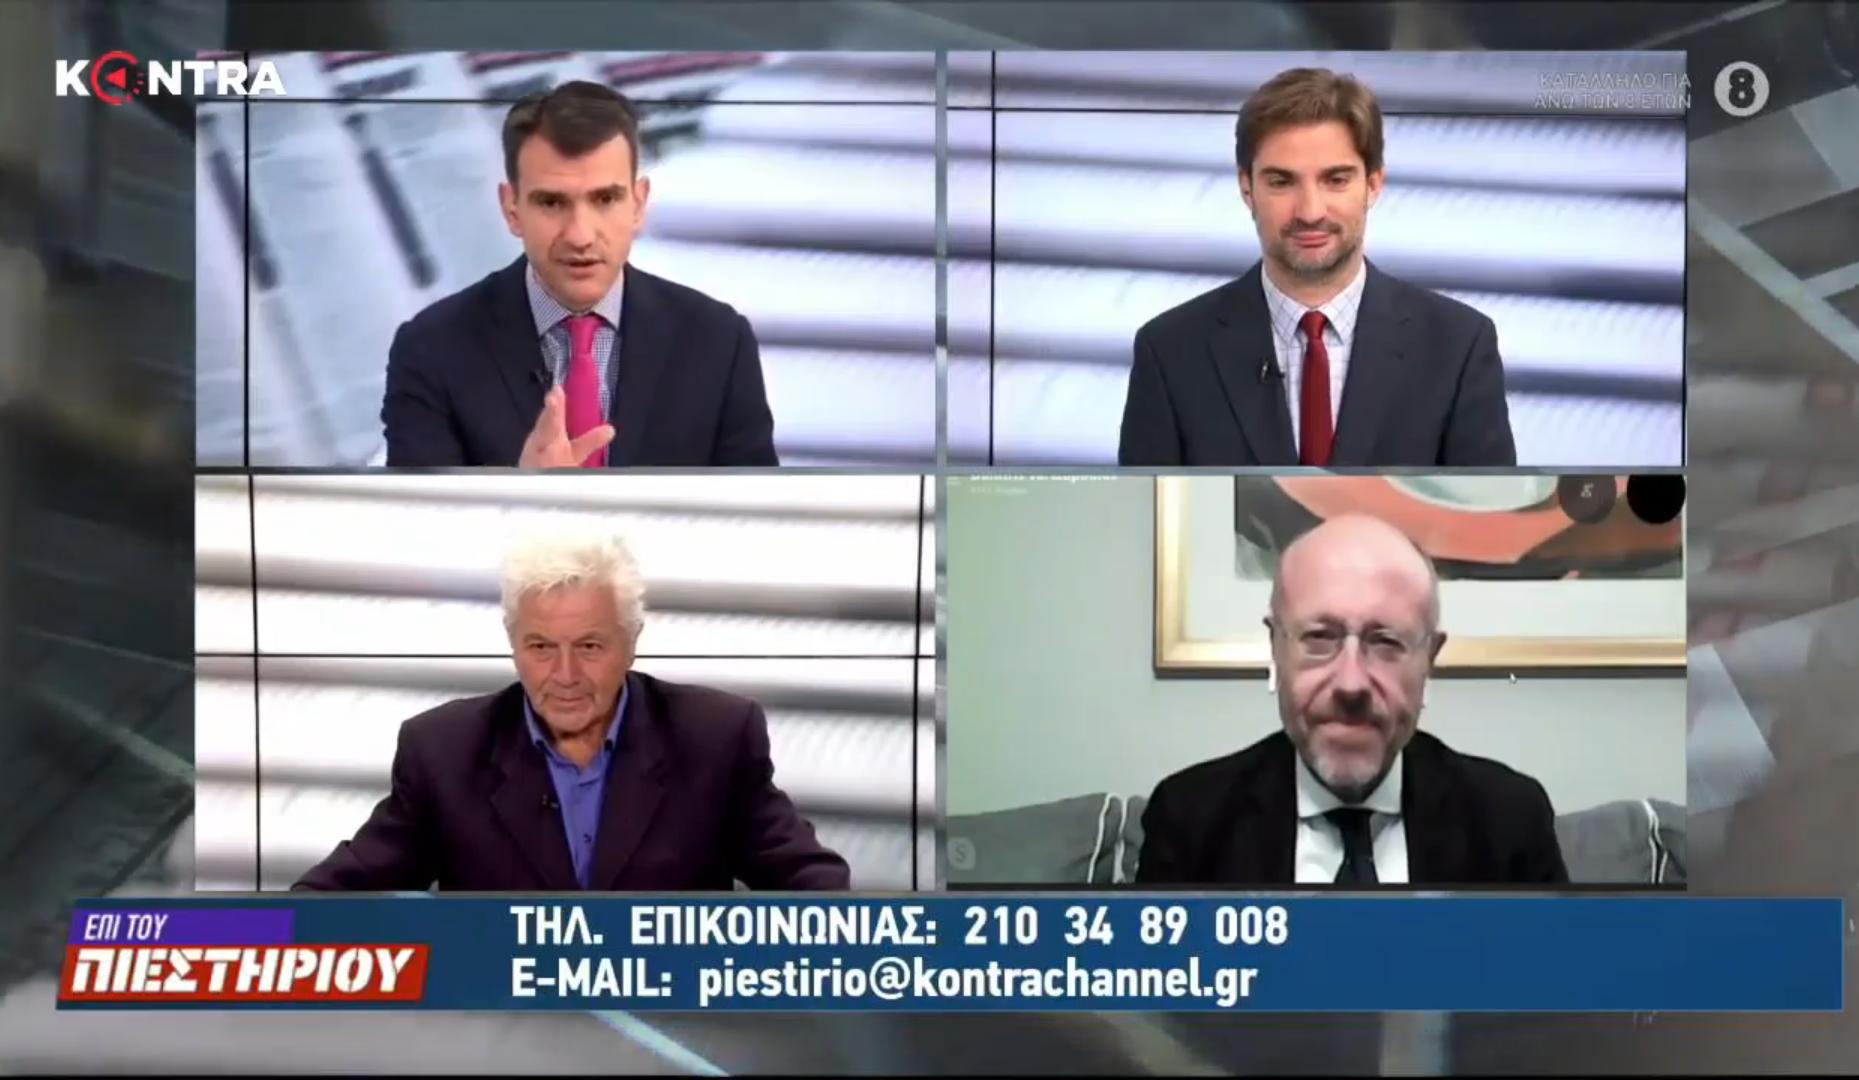 Η παρουσία μου στο Kontra Channel με τους δημοσιογράφους Γιώργο Σιαδήμα και Αλέξανδρο Κλώσσα